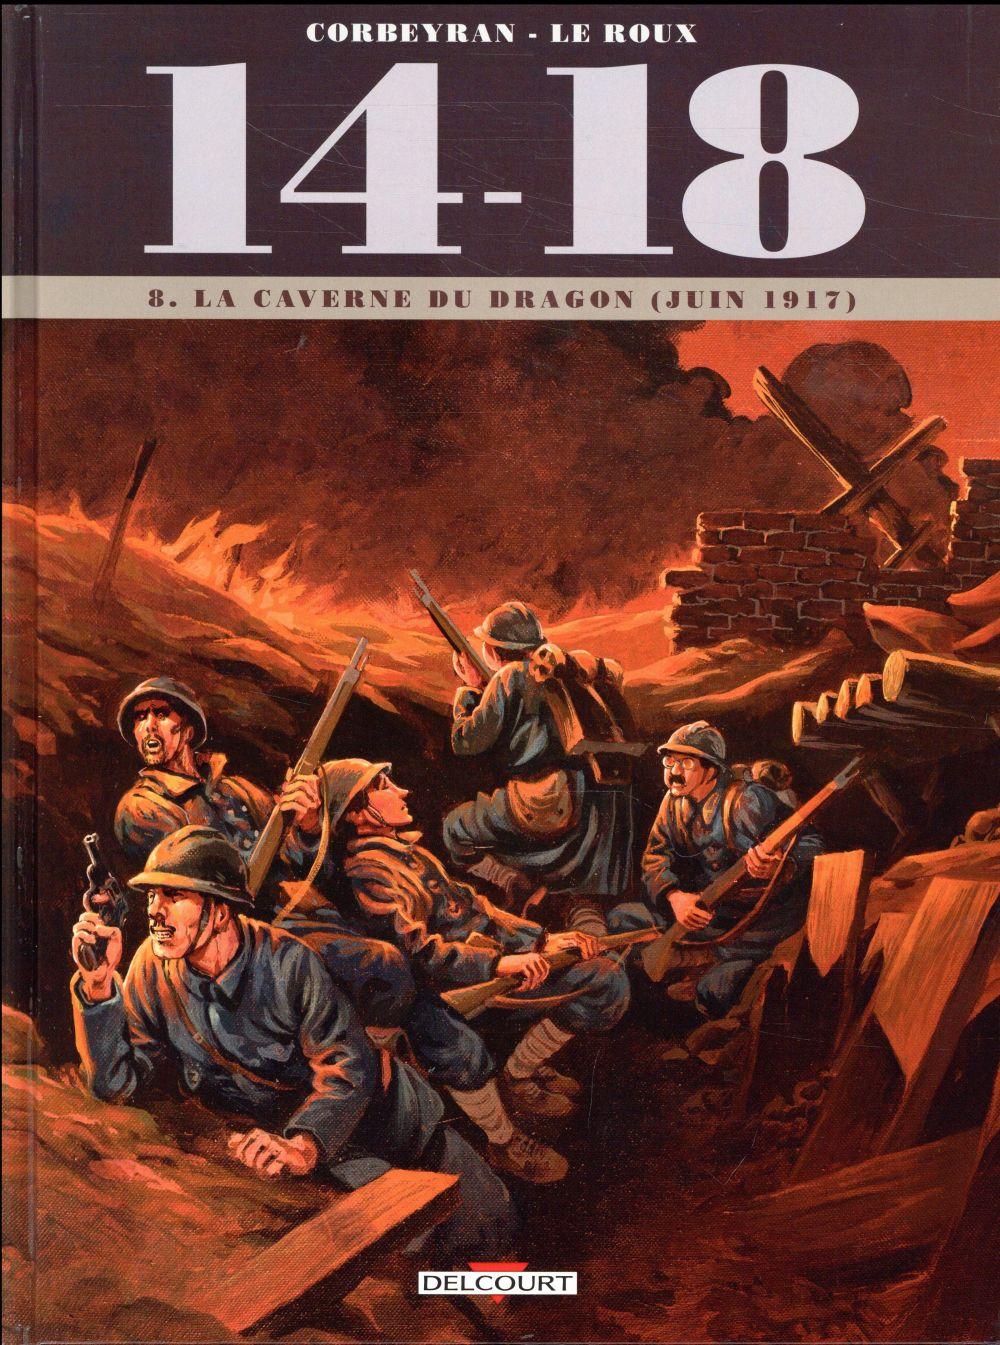 14 - 18 T08 - LA CAVERNE DU DRAGON (JUIN 1917)